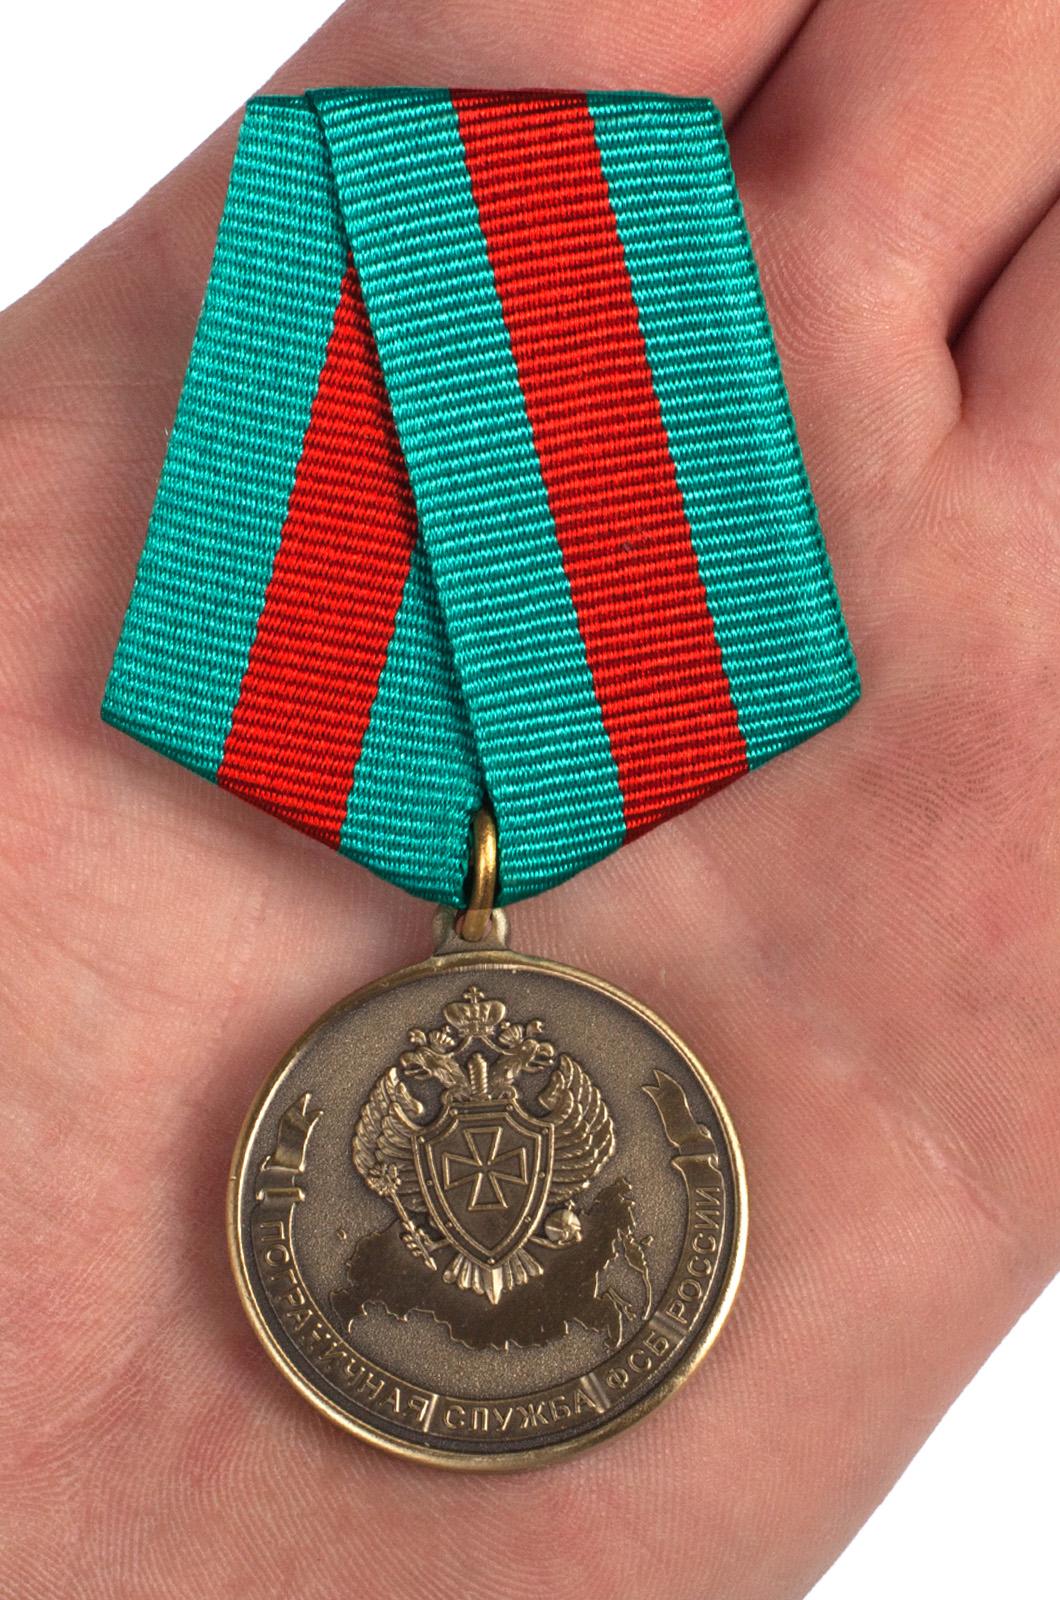 Медаль Ветеран Погранслужбы ФСБ РФ в футляре из флока с прозрачной крышкой - вид на ладони